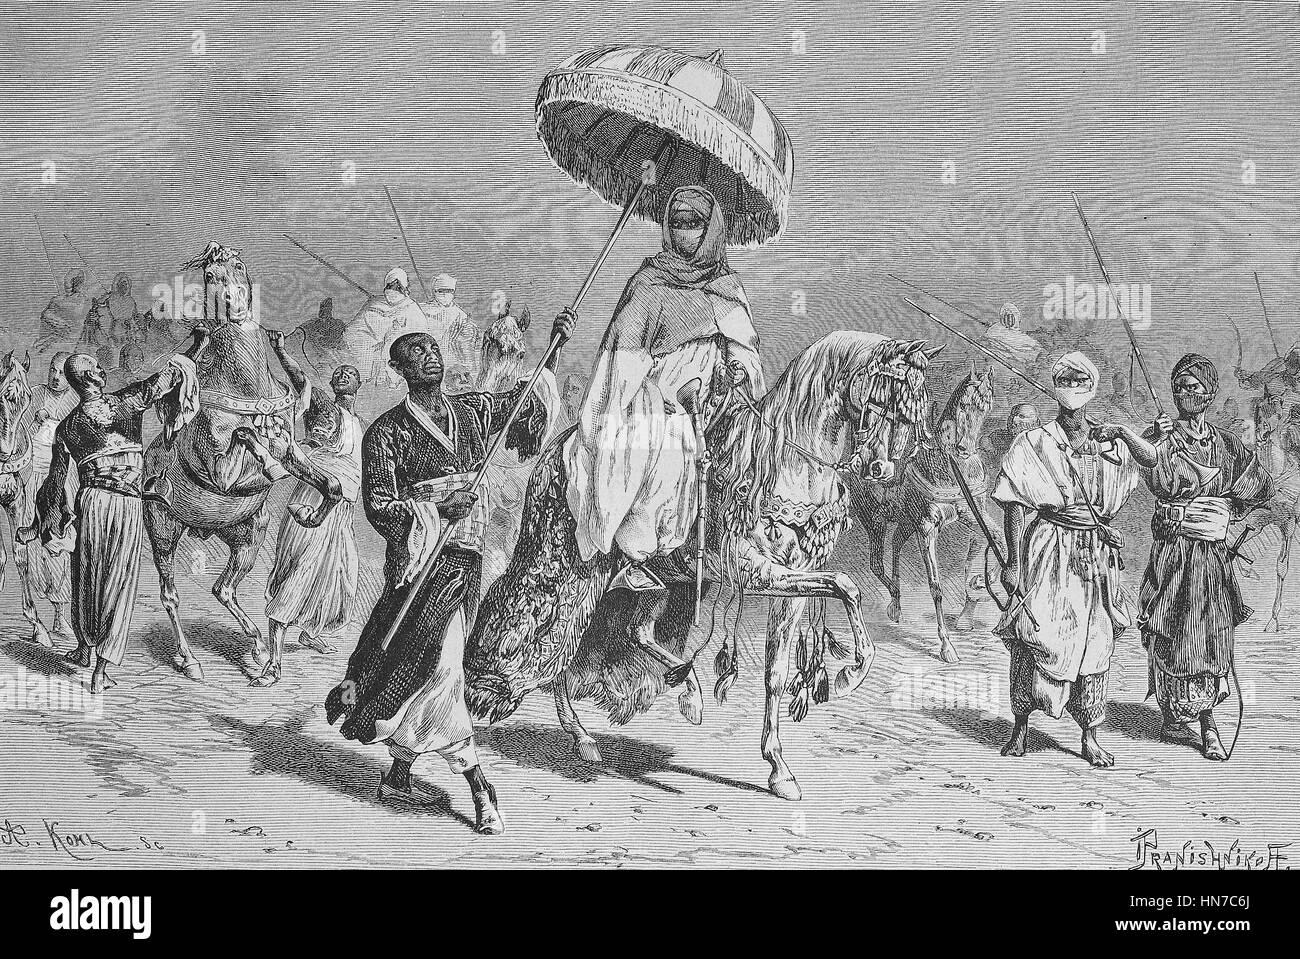 The sheikh of Bornu with entourage, today Nigeria, Der Scheich von Bornu mit Gefolge, today Nigeria, woodcut from - Stock Image